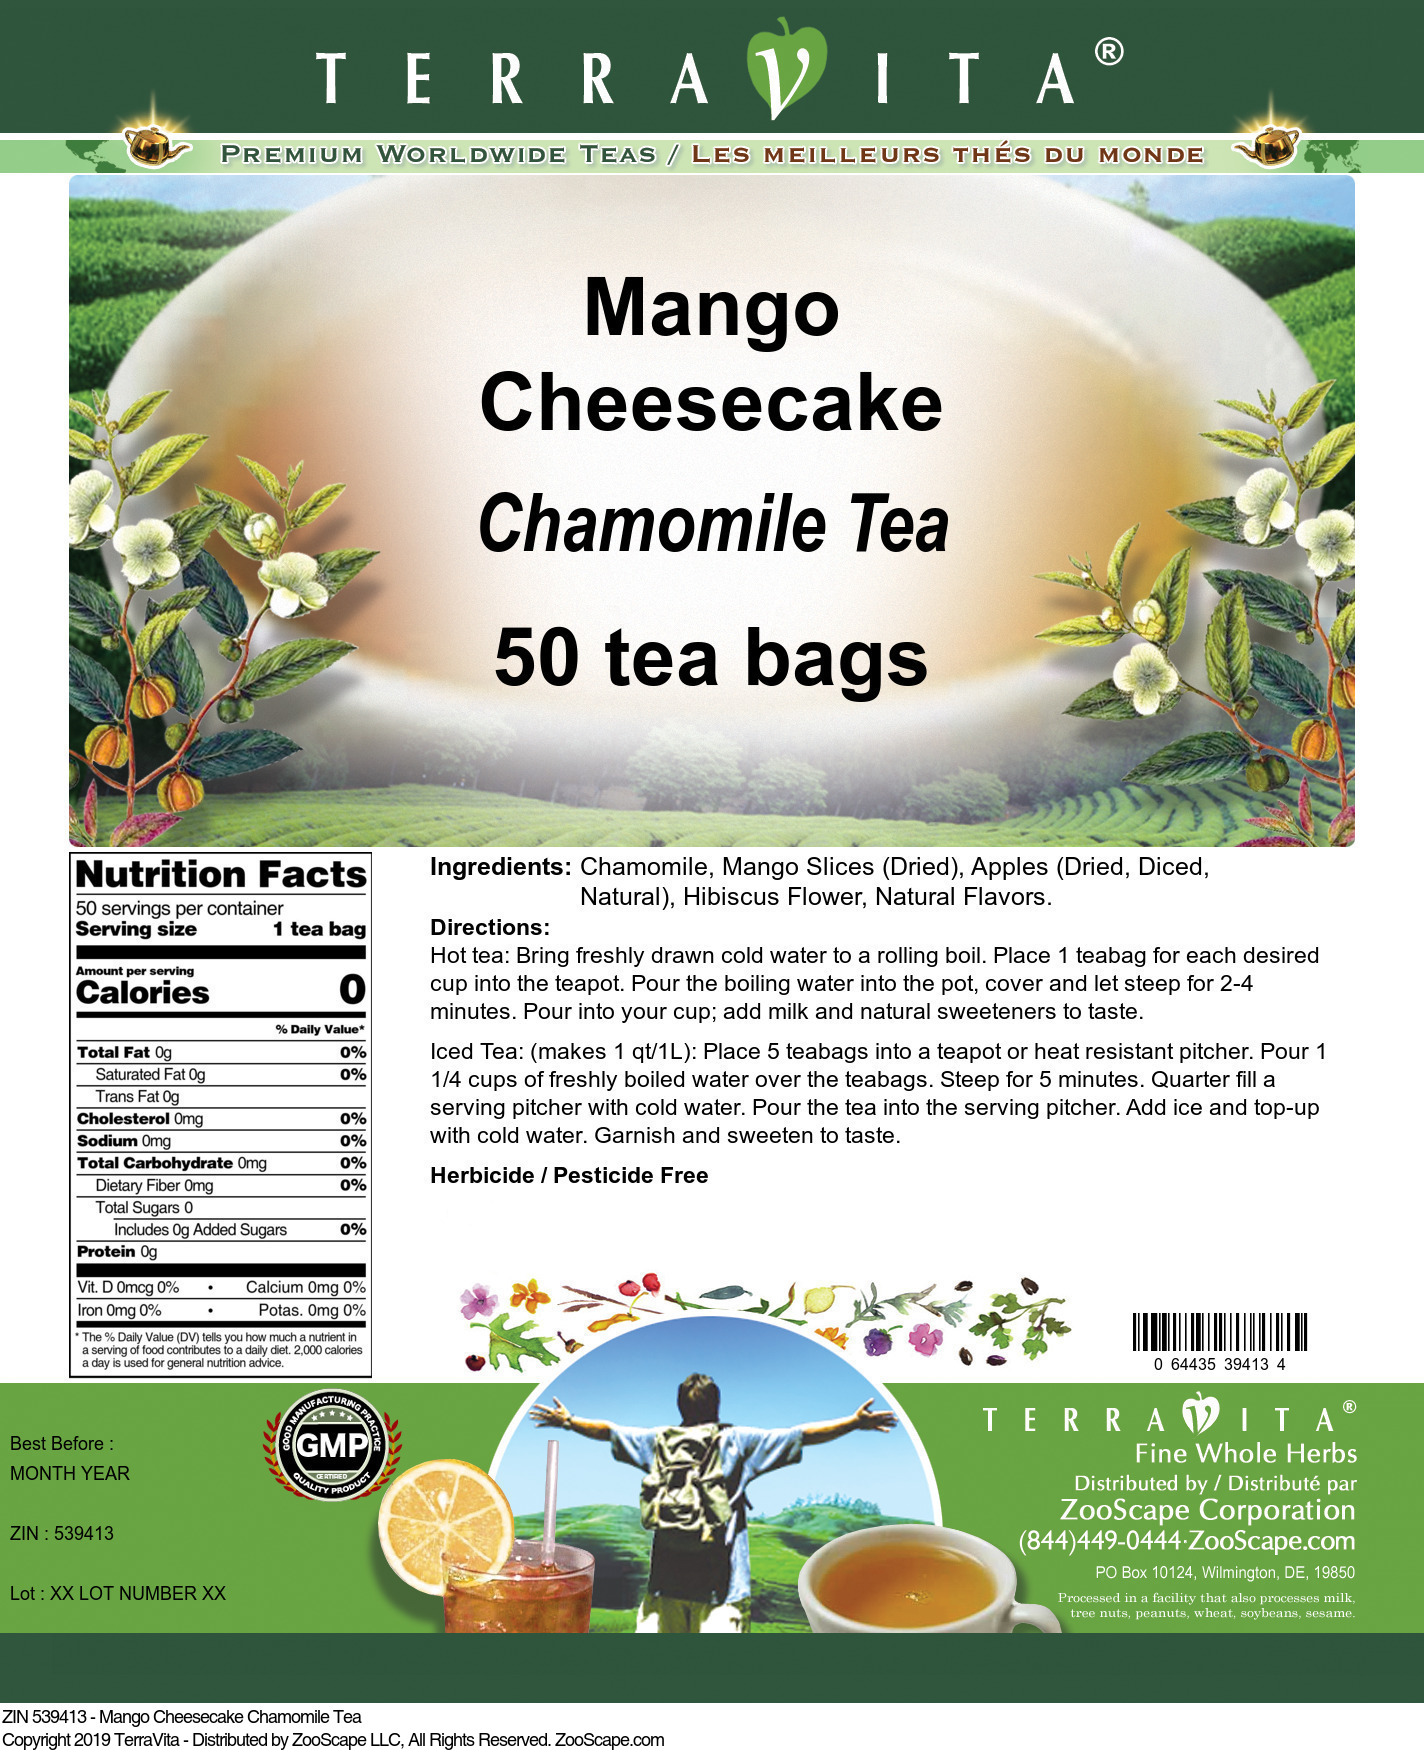 Mango Cheesecake Chamomile Tea